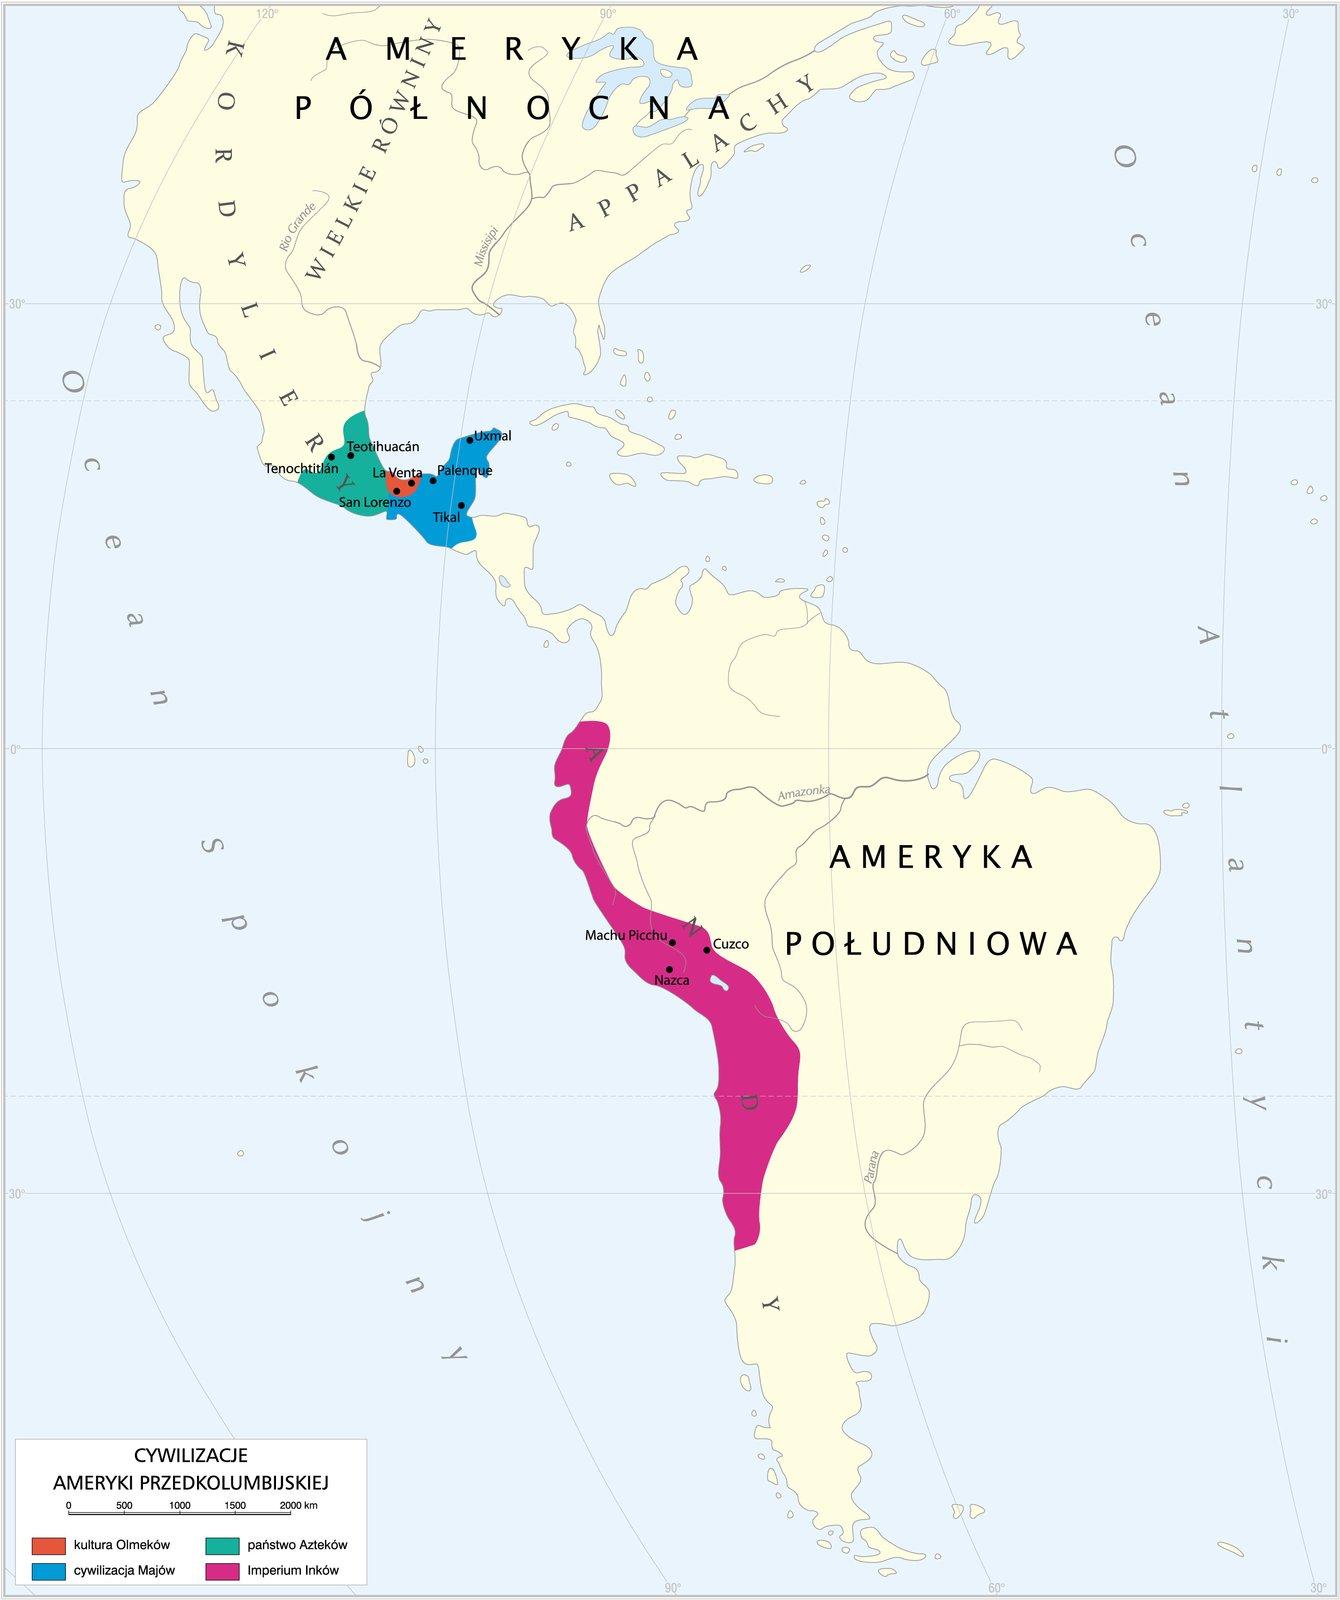 Cywilizacje Ameryki przedkolumbijskiej Źródło: Krystian Chariza izespół, Cywilizacje Ameryki przedkolumbijskiej, licencja: CC BY 3.0.